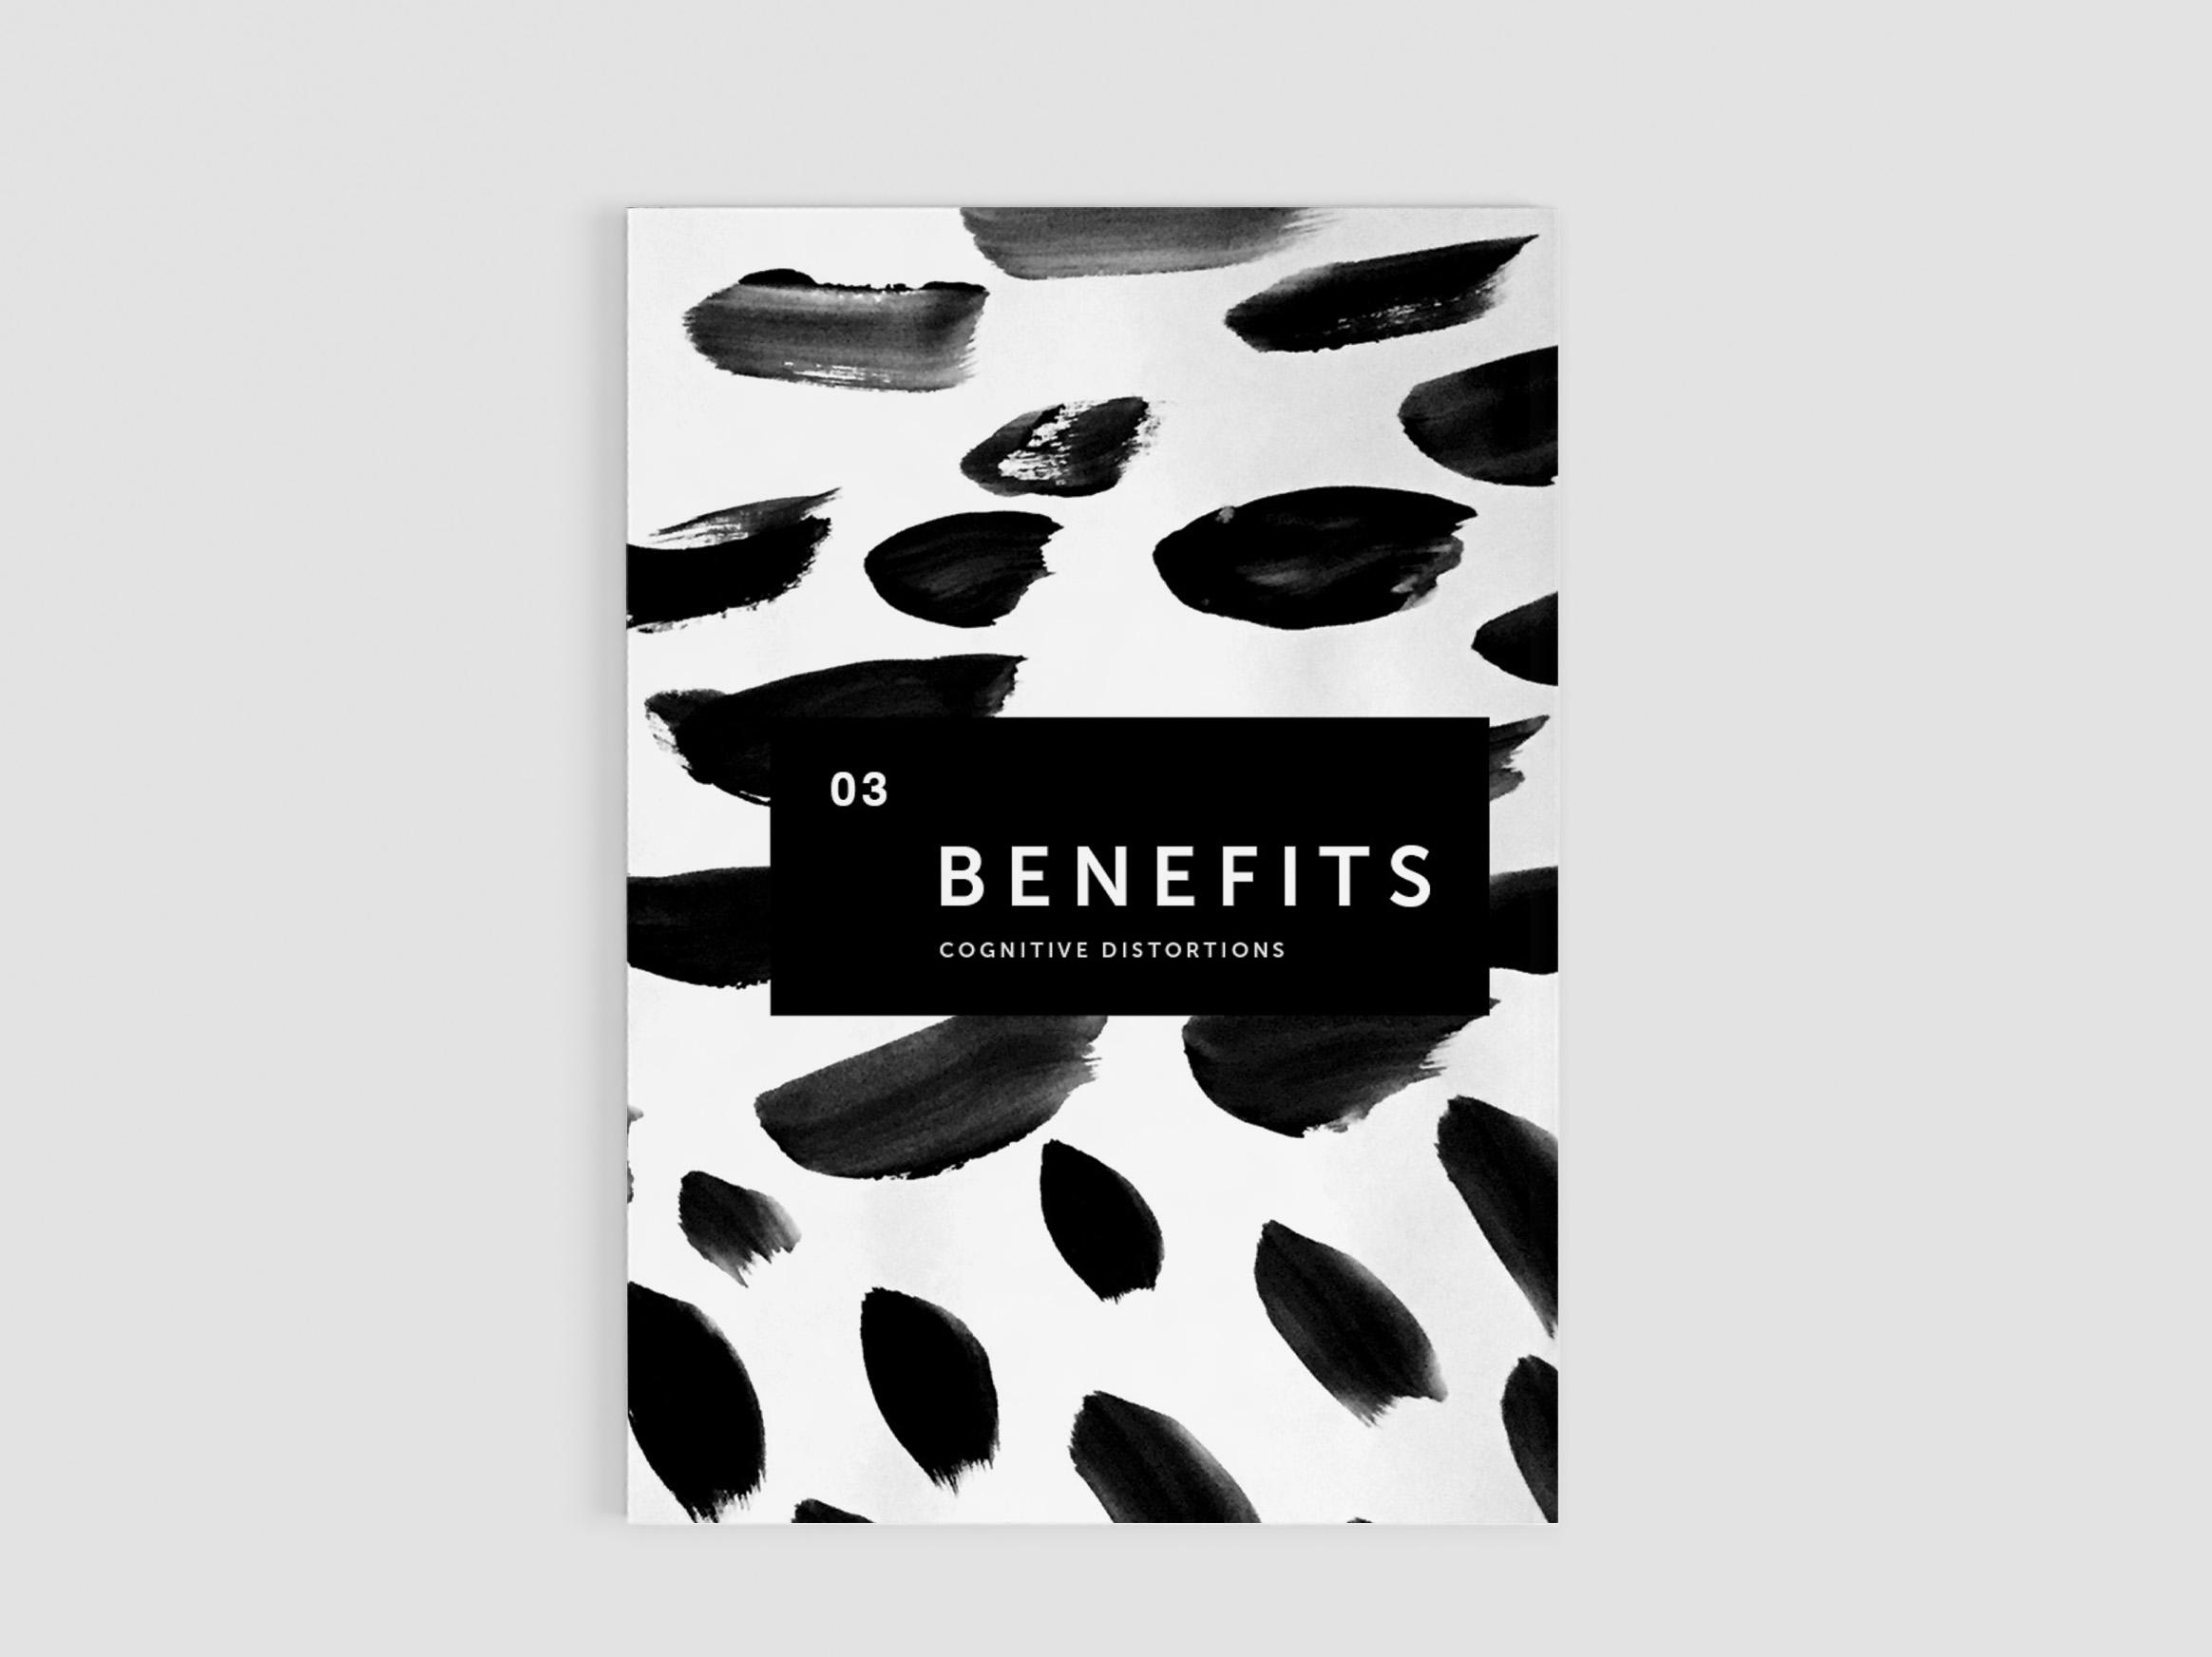 benefitscover.jpg